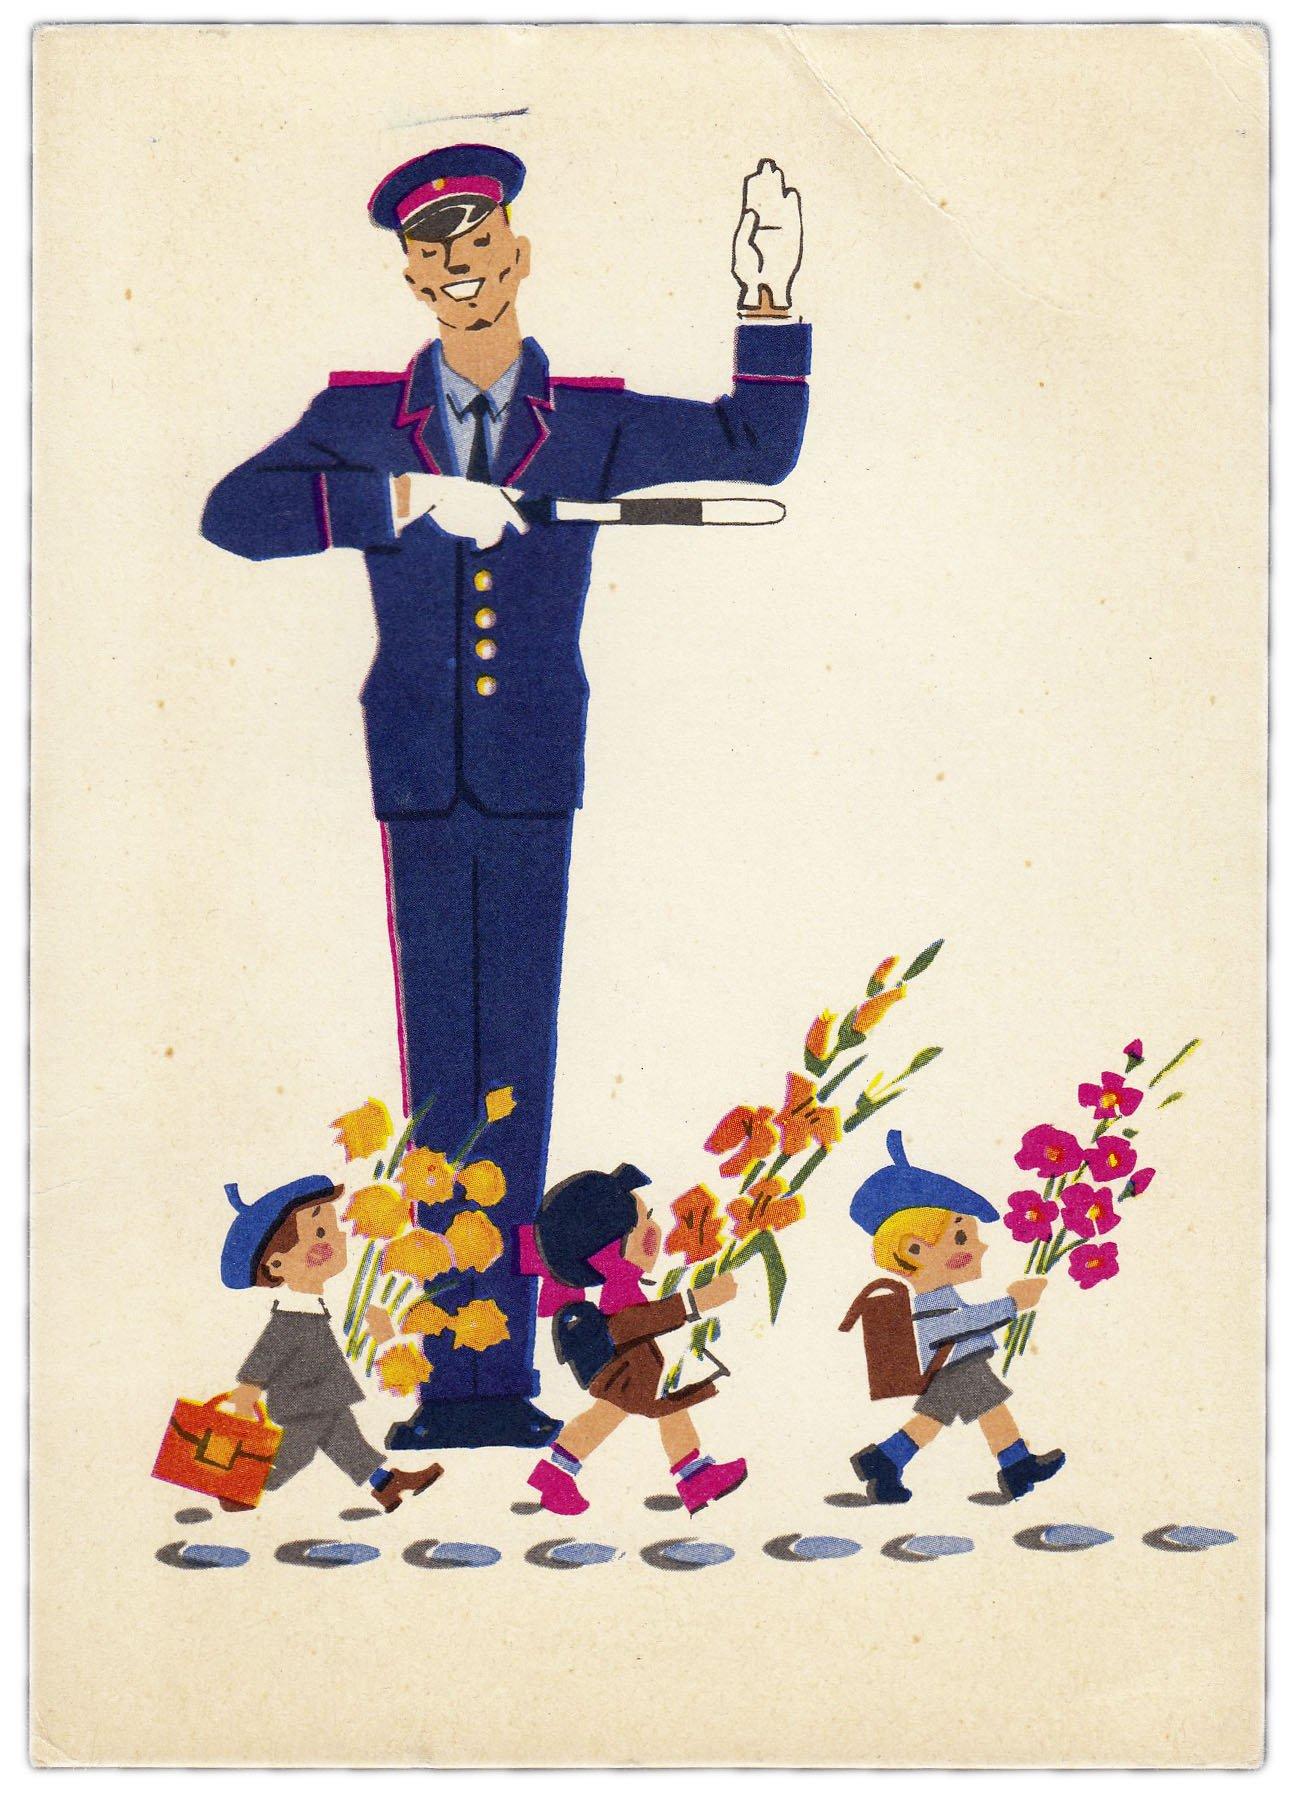 Дядя степа милиционер открытки, картинки